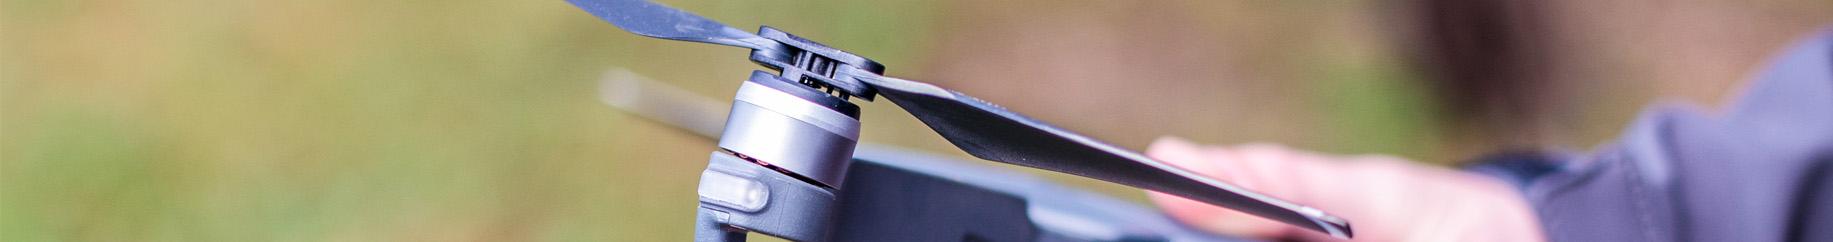 détail drone